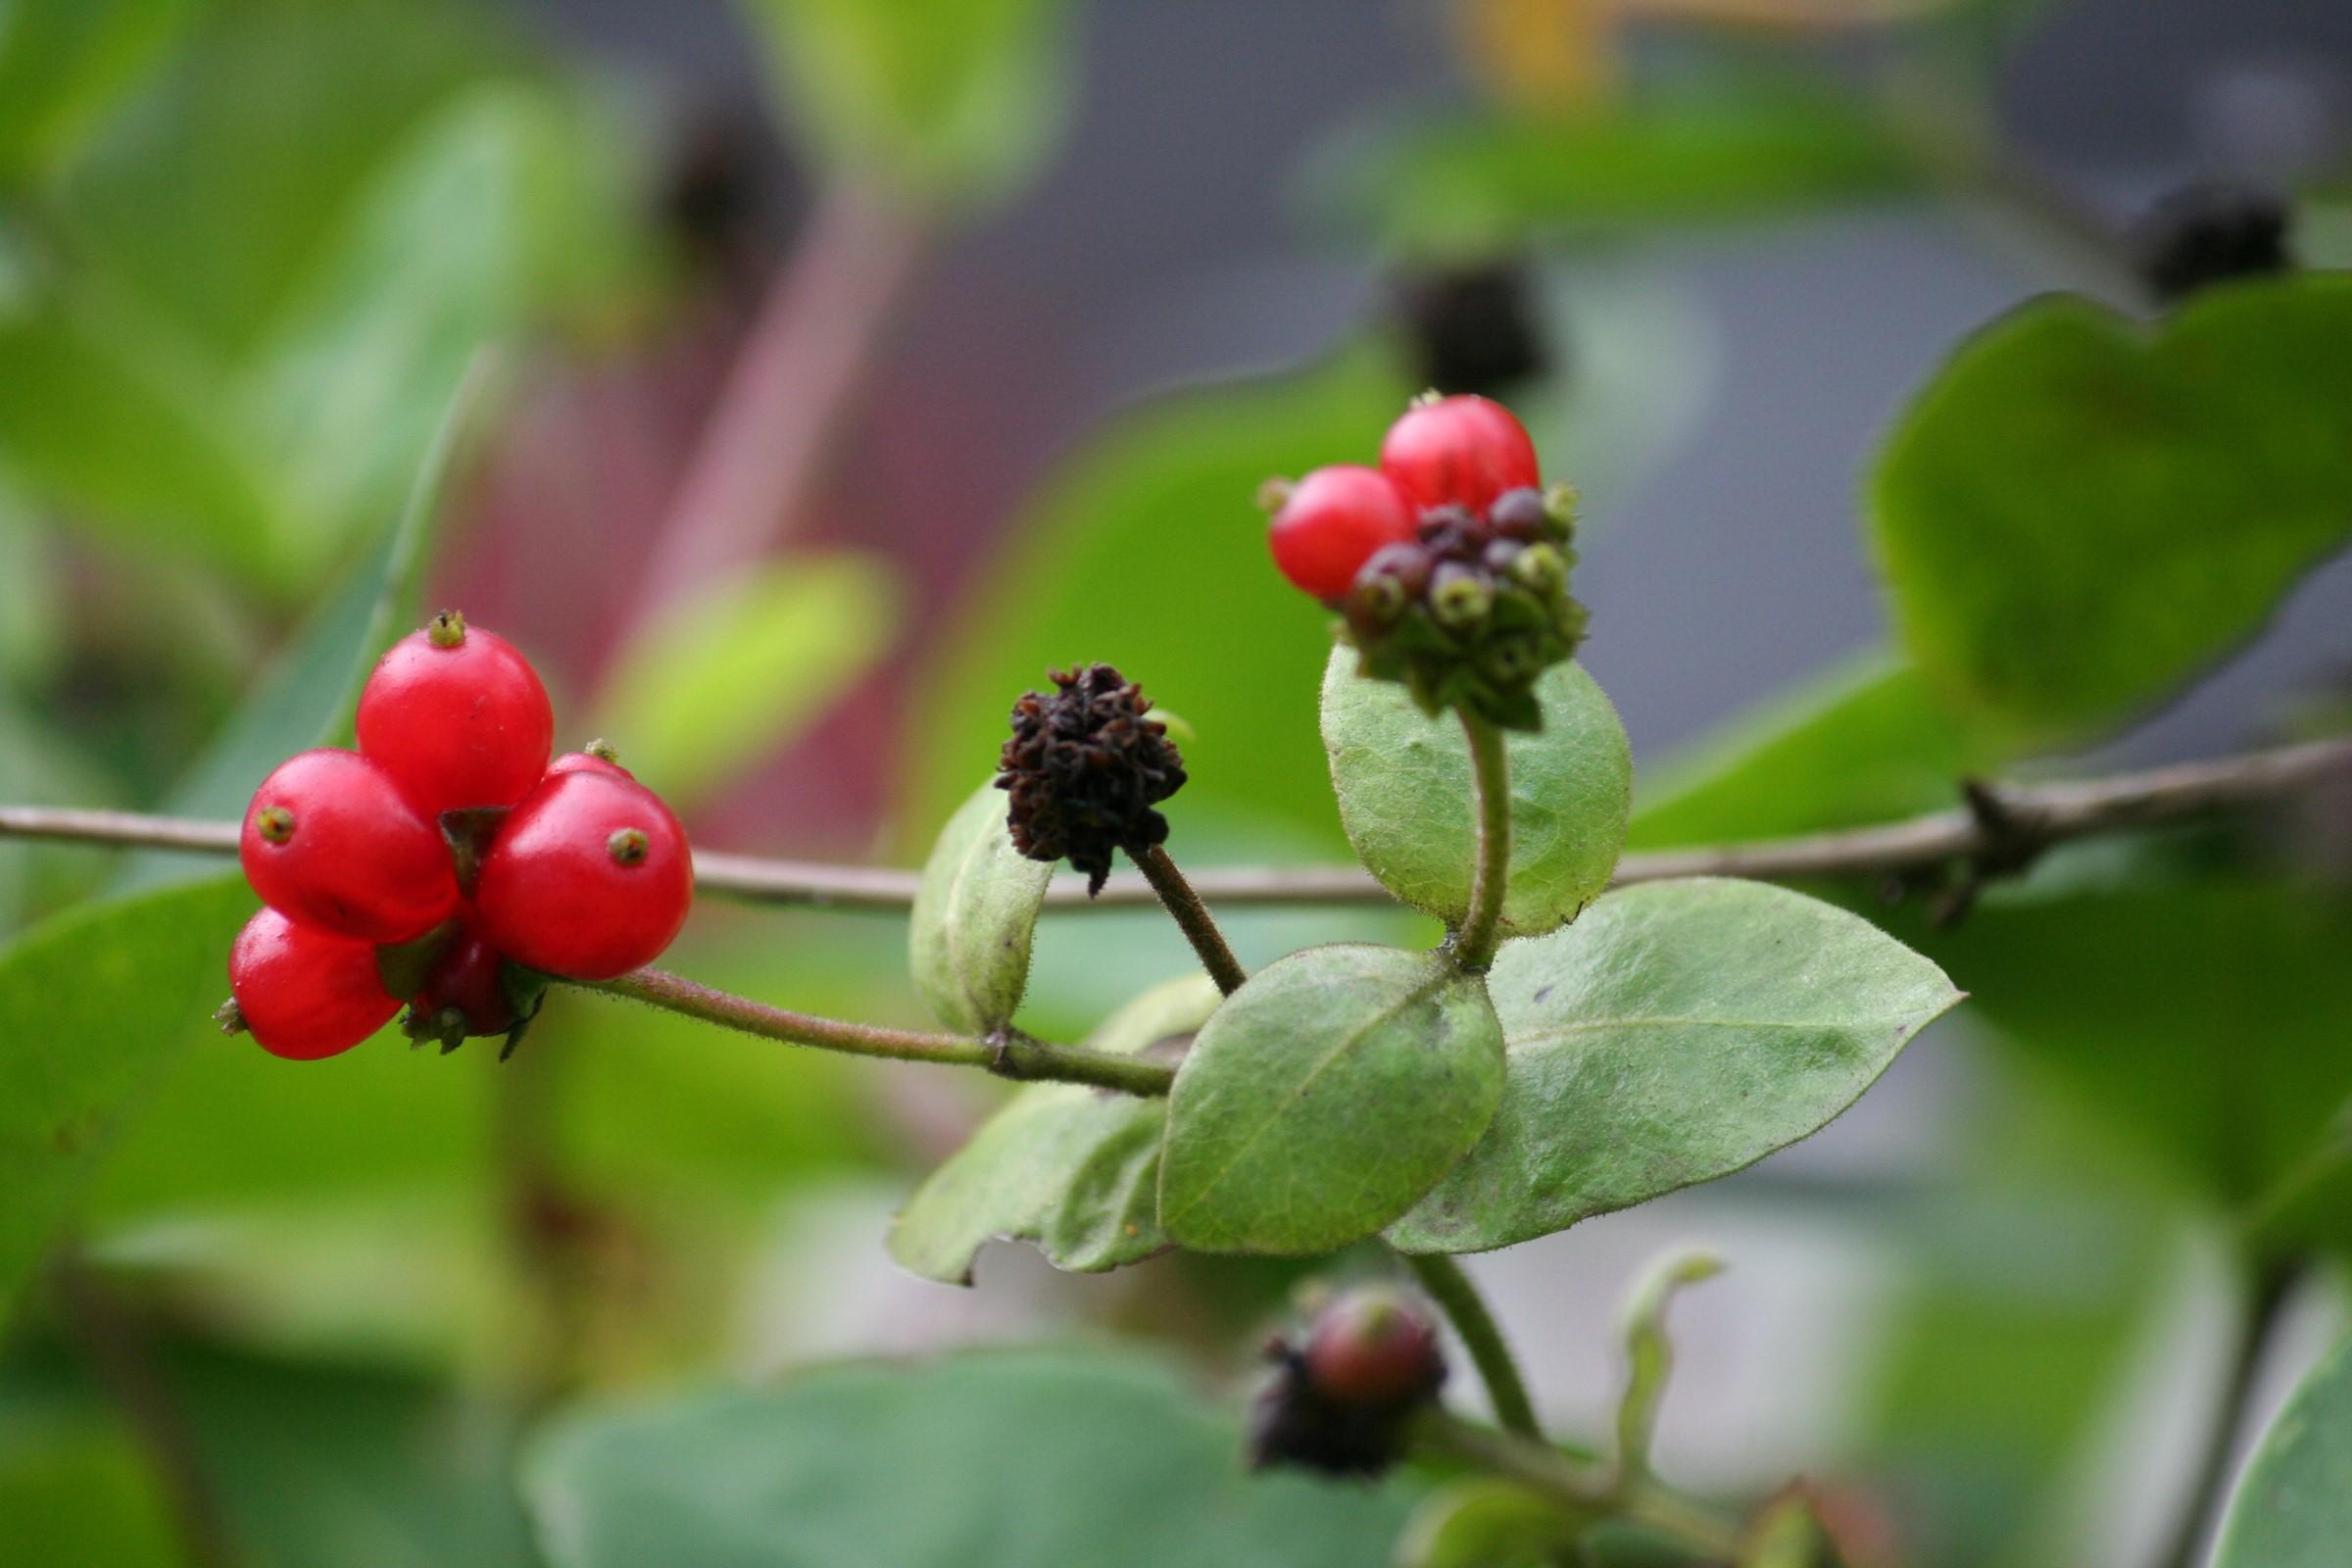 Røde bær og grønne blader